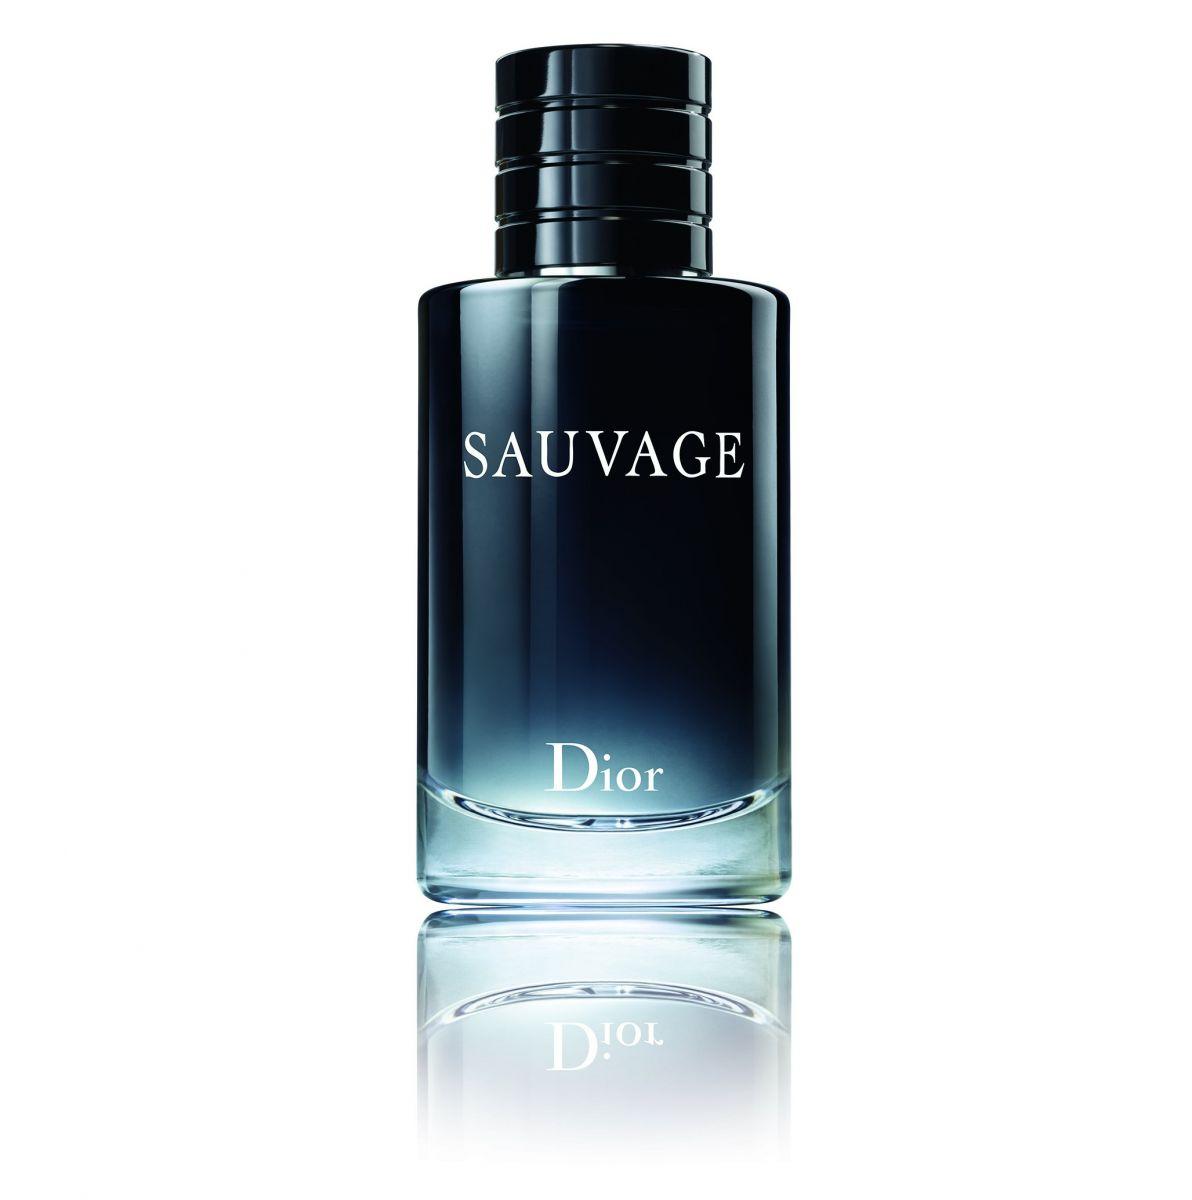 Аромат Dior Sauvage